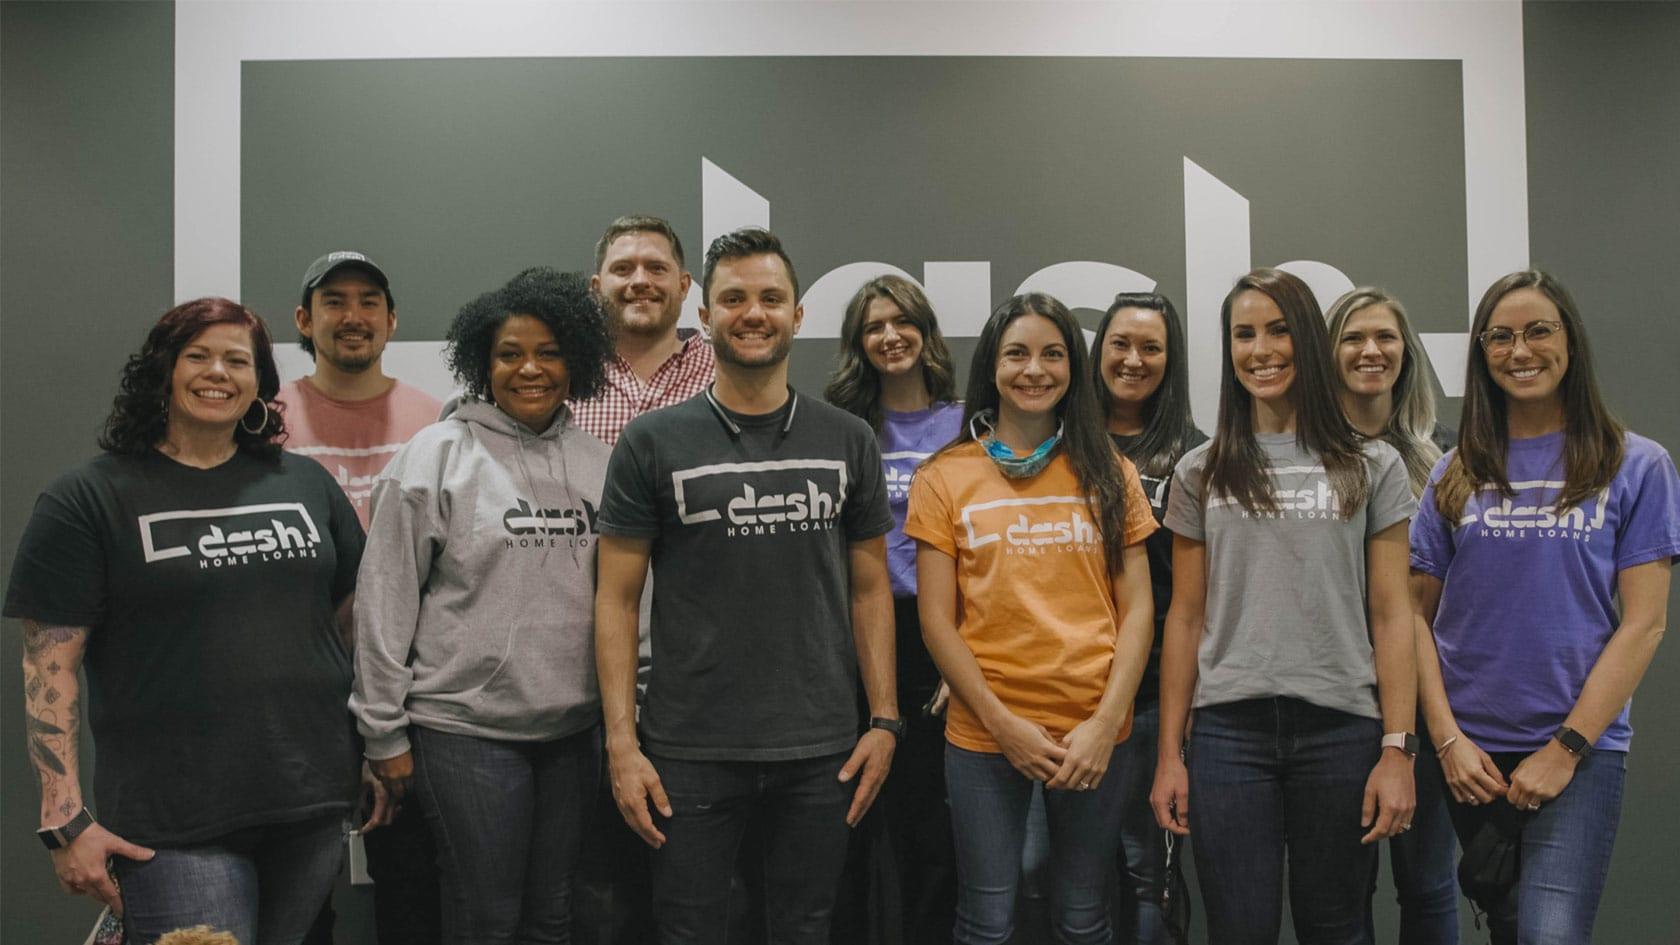 The Dash team